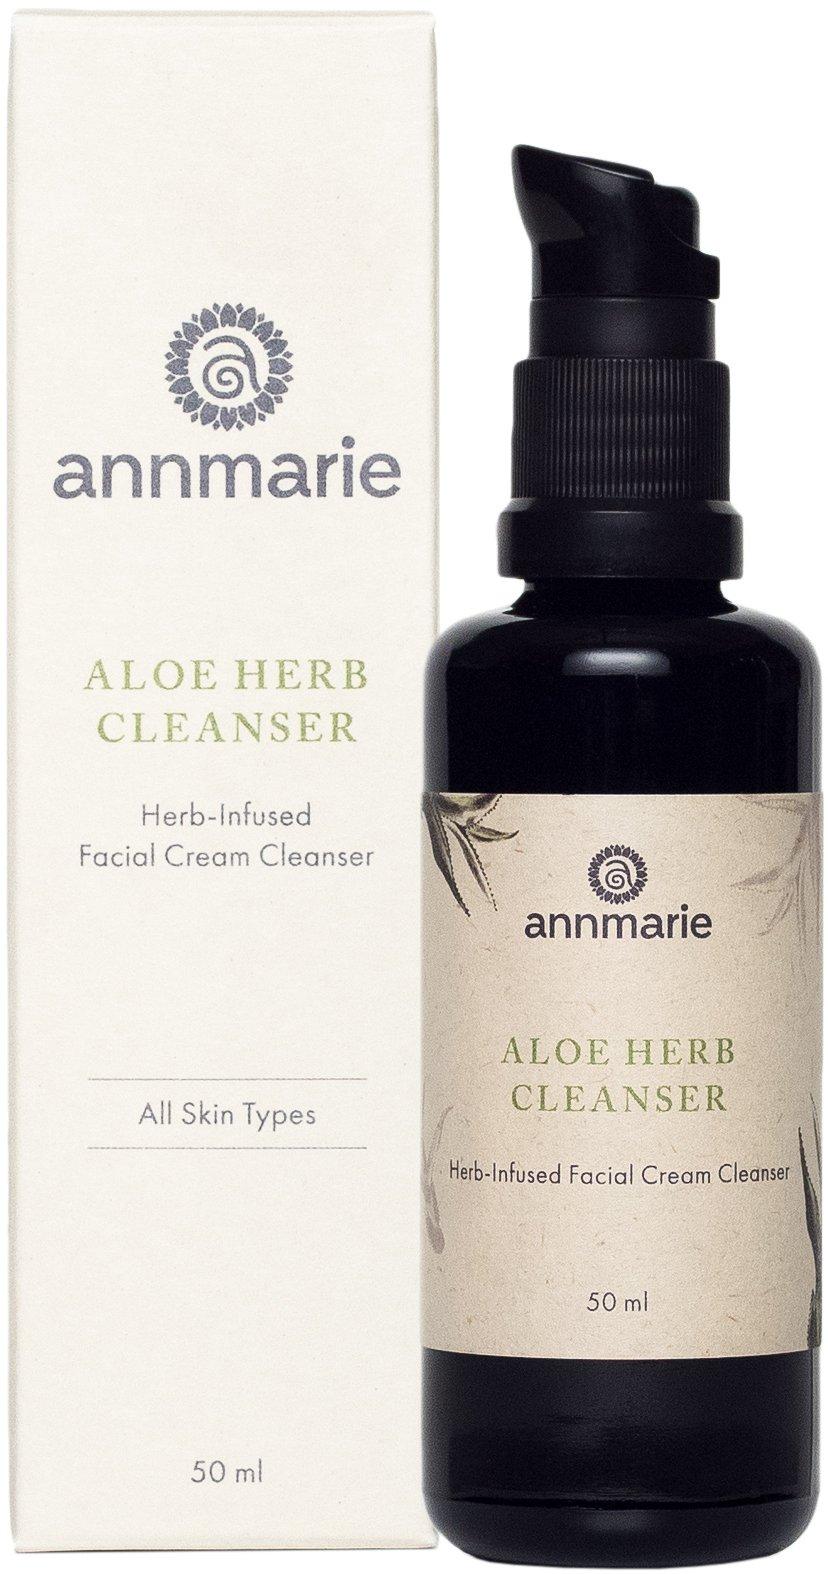 Annmarie Skin Care - Aloe-Herb Facial Cleanser, 50ml